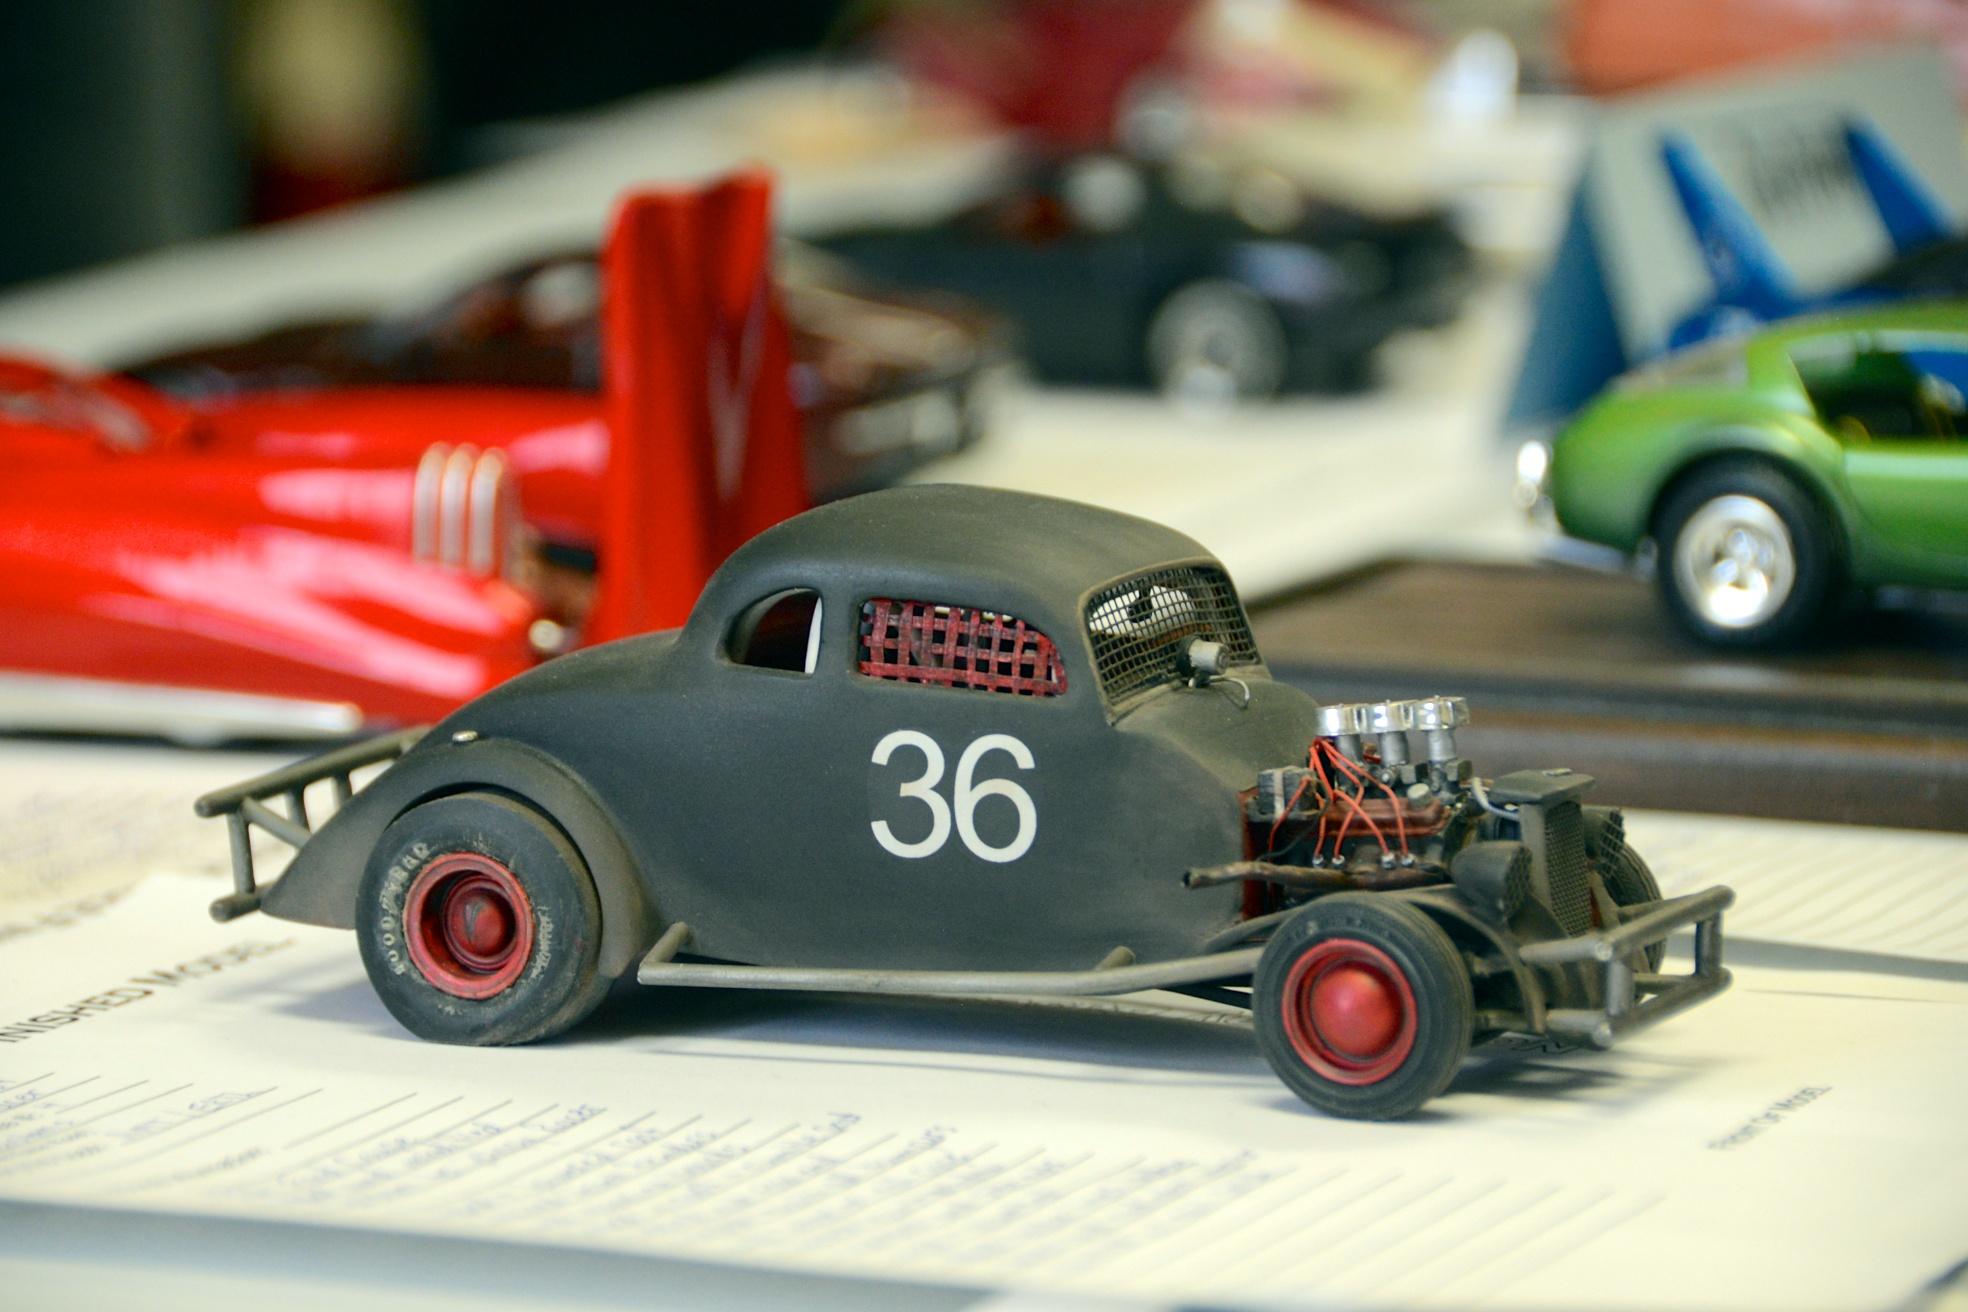 modelrama-2014-036